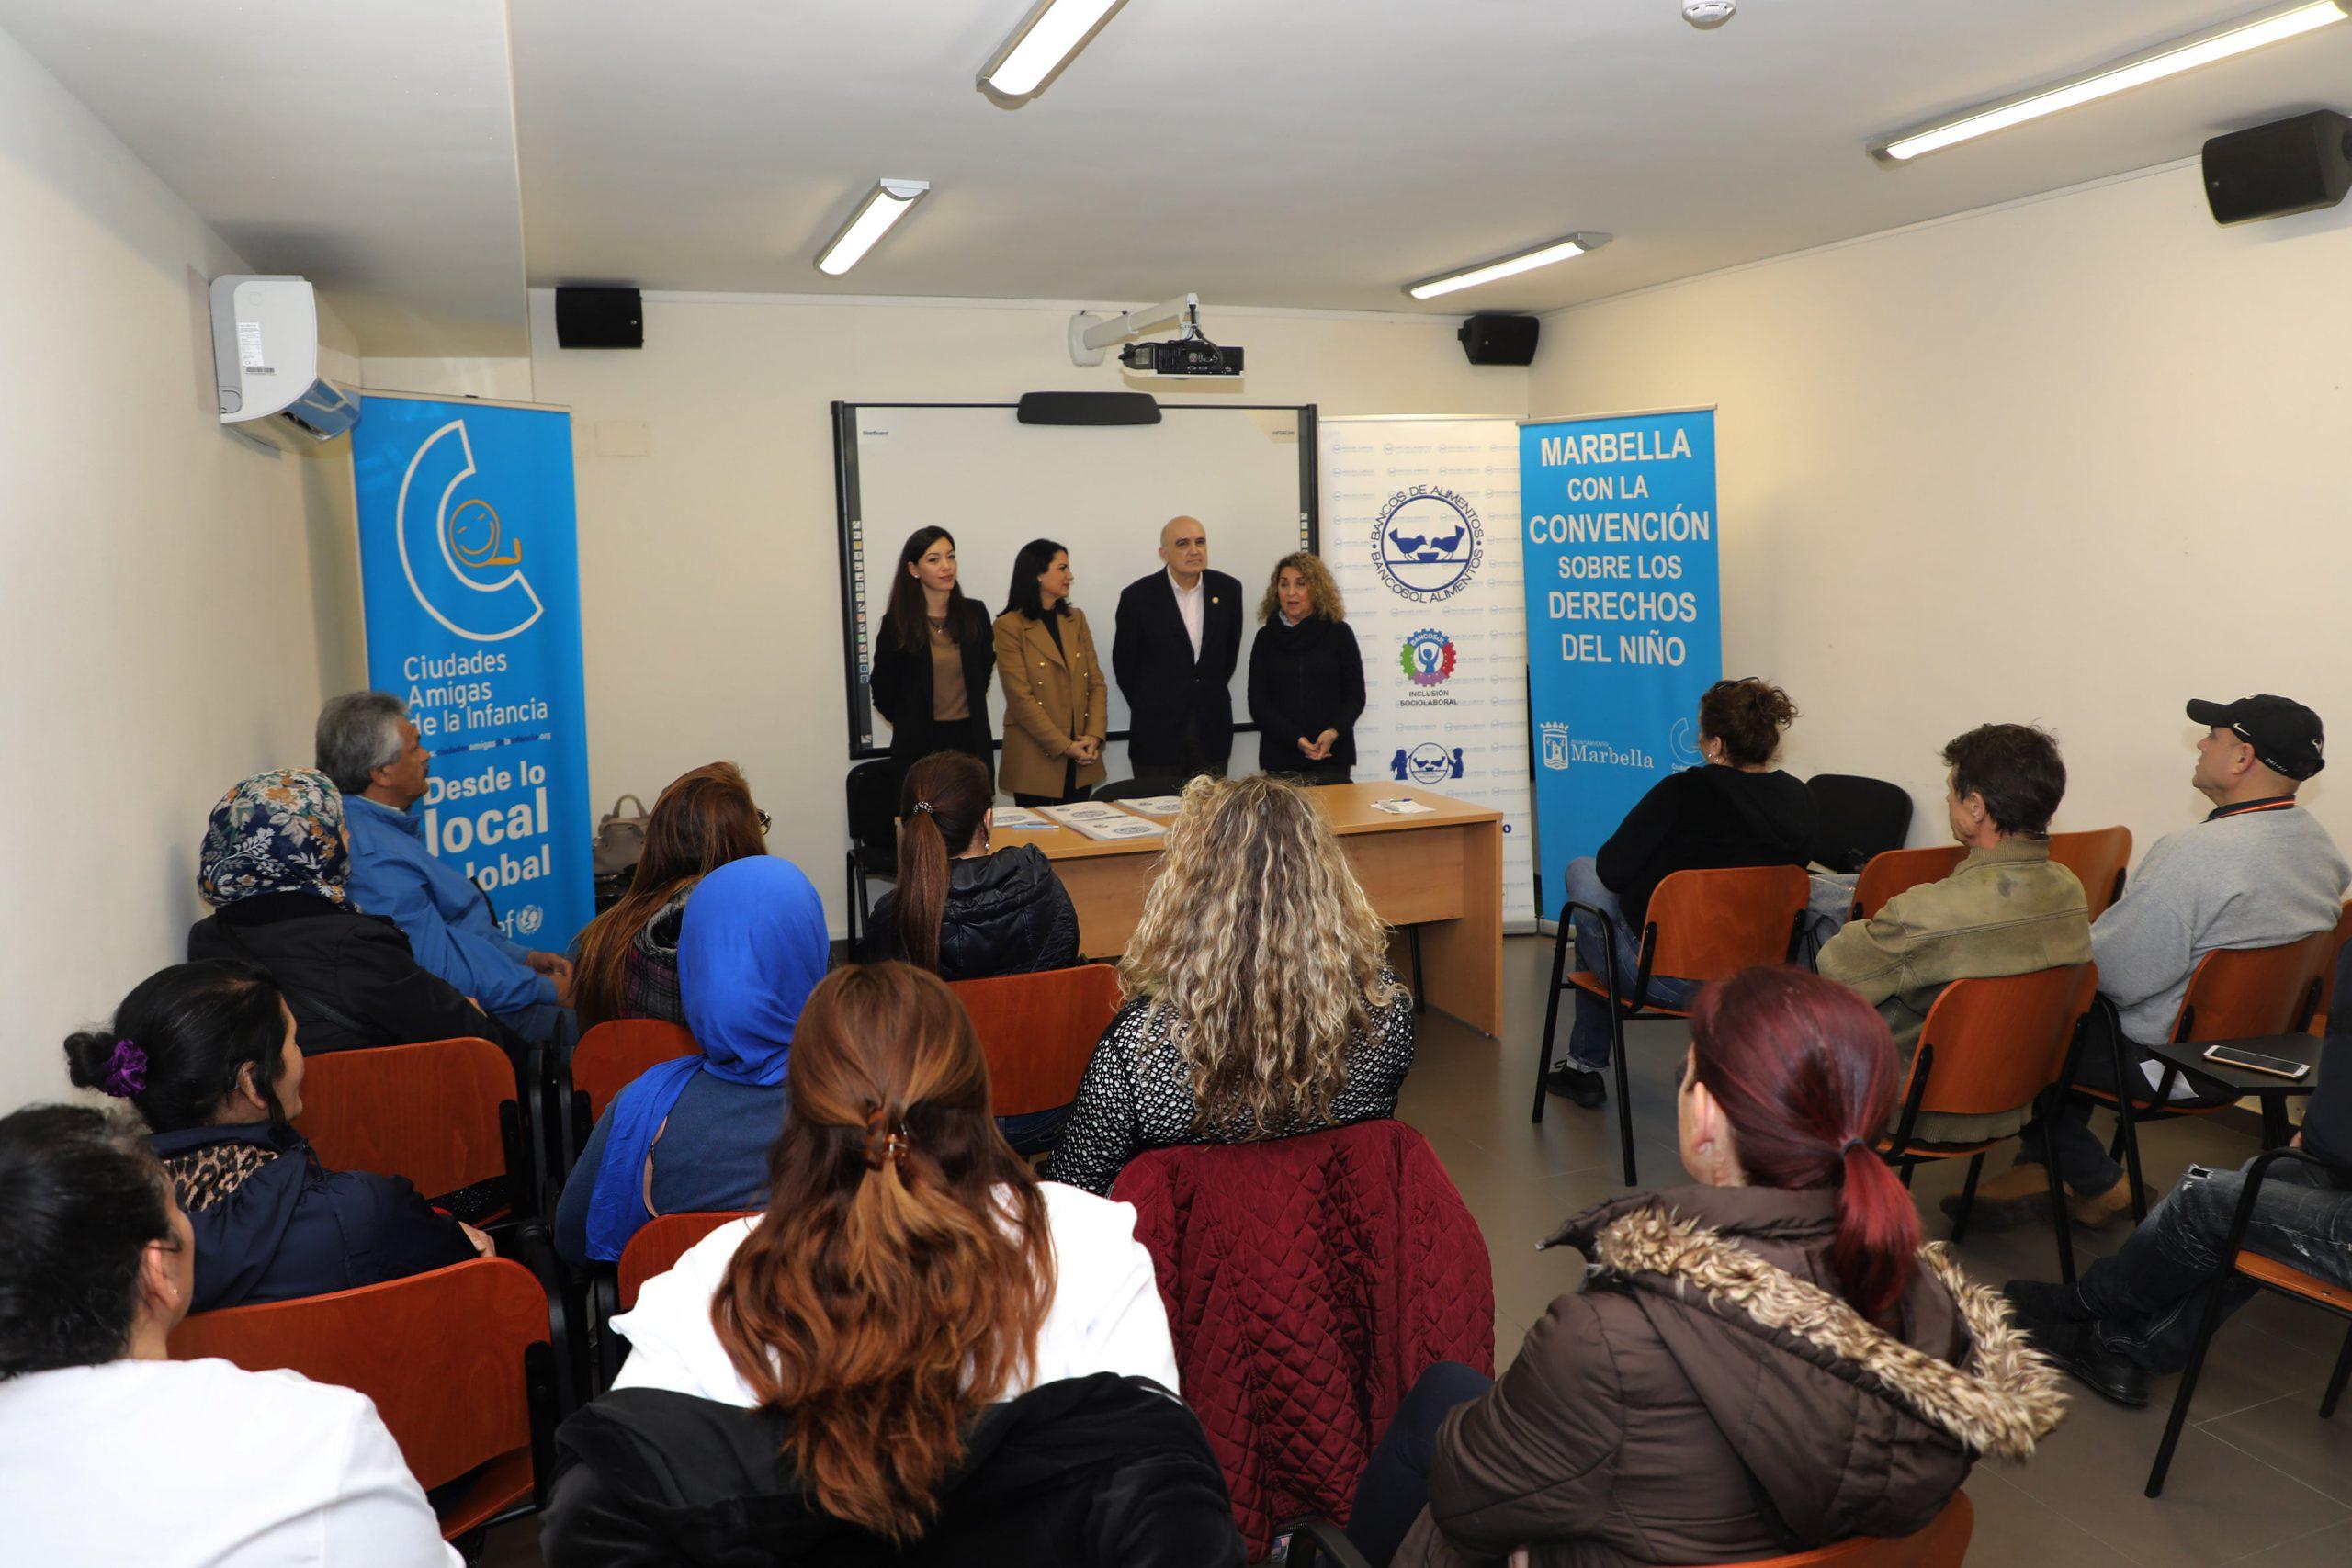 Entregan los diplomas de los seis cursos del programa de inclusión sociolaboral